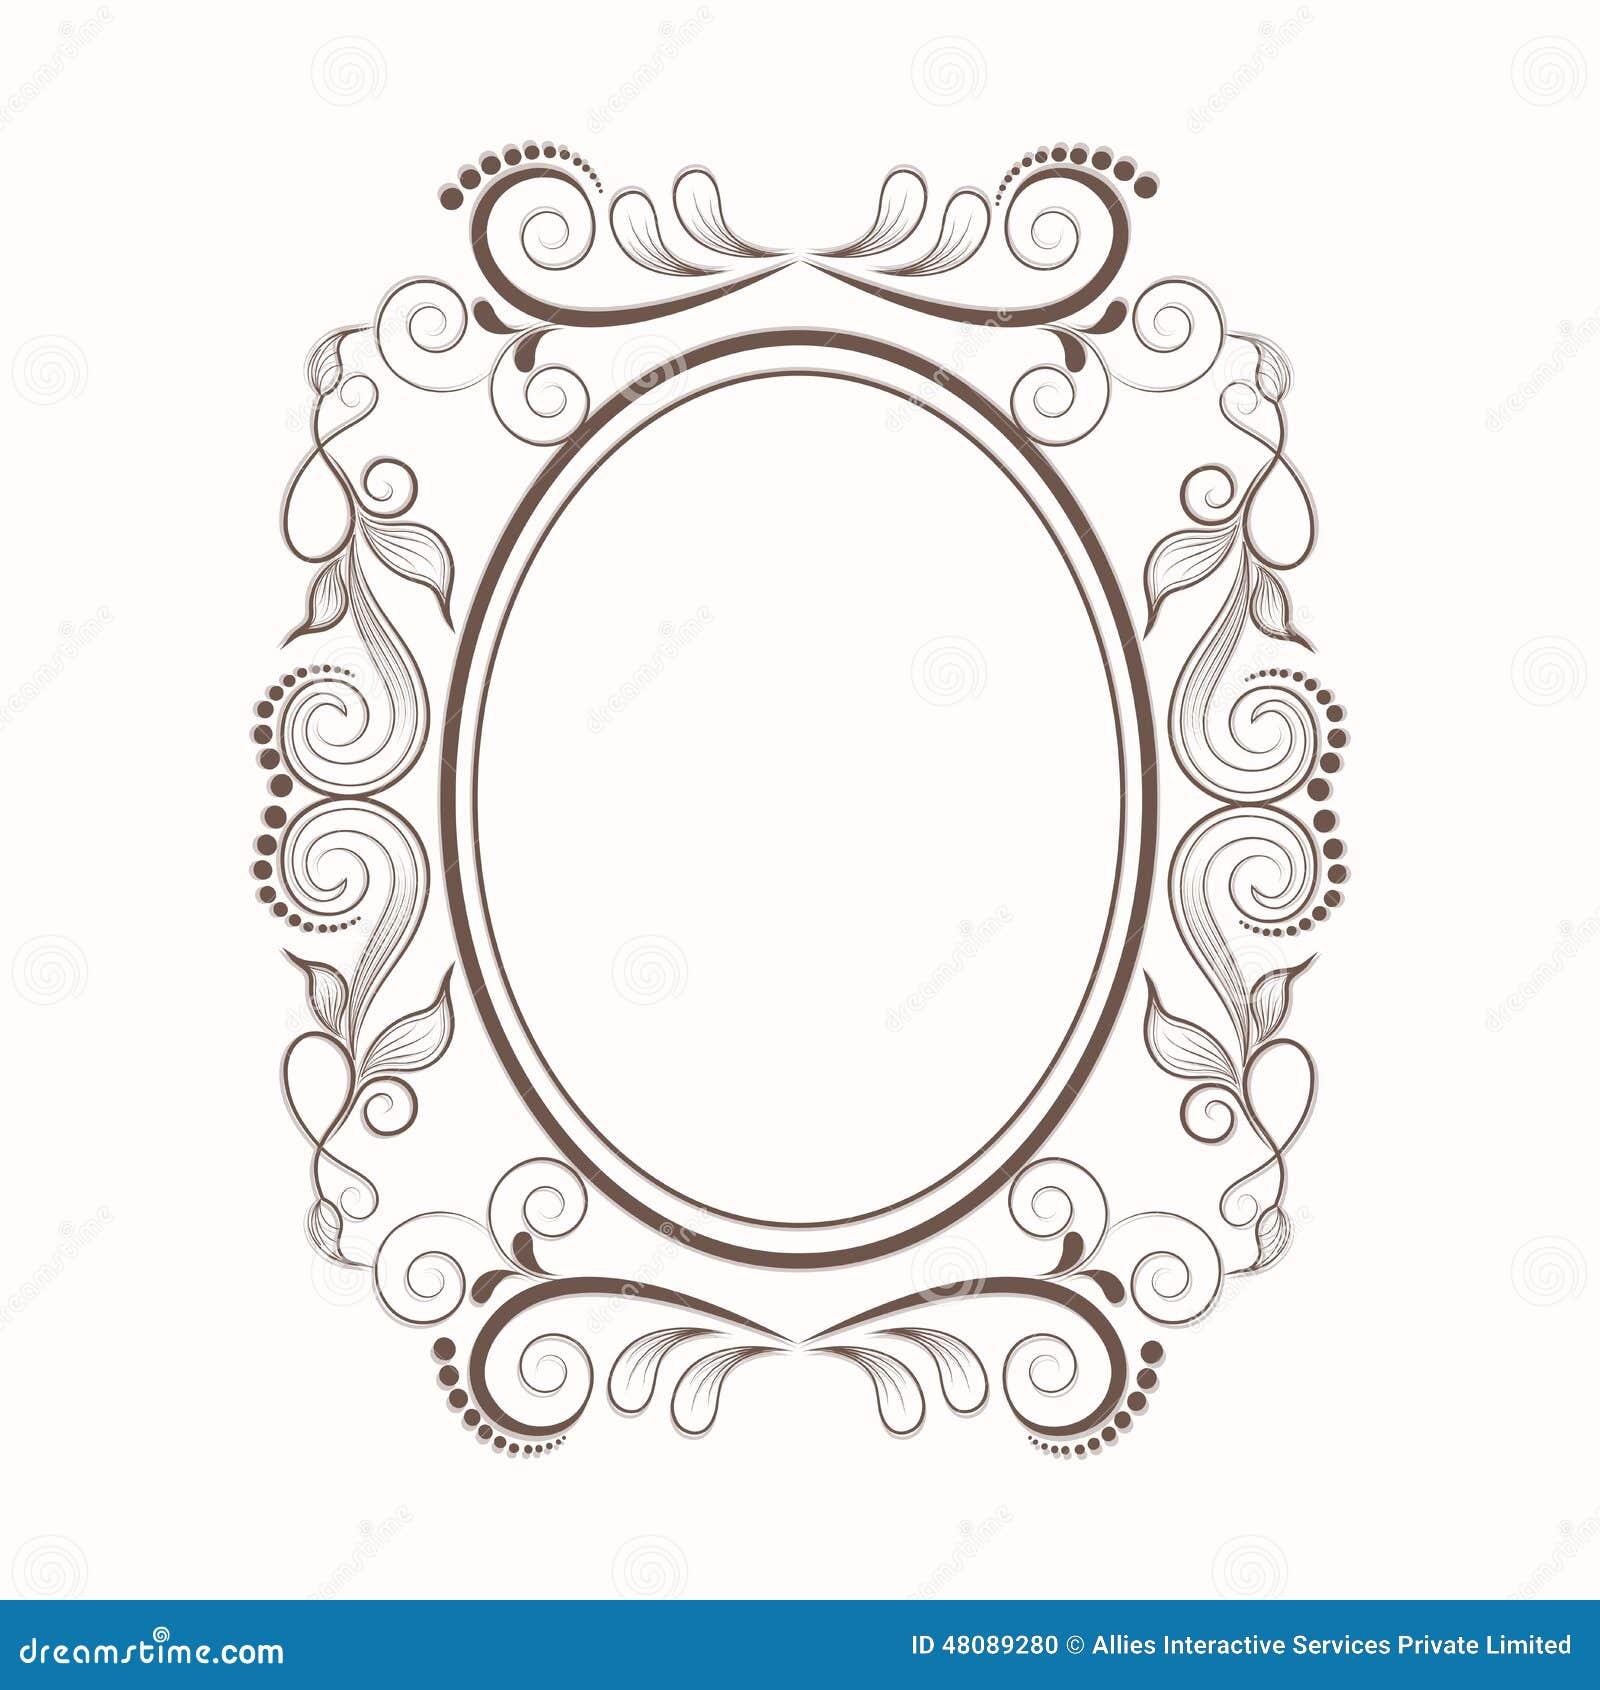 Konzept Des Blumenmusters Verzierte Rahmen Stock Abbildung ...